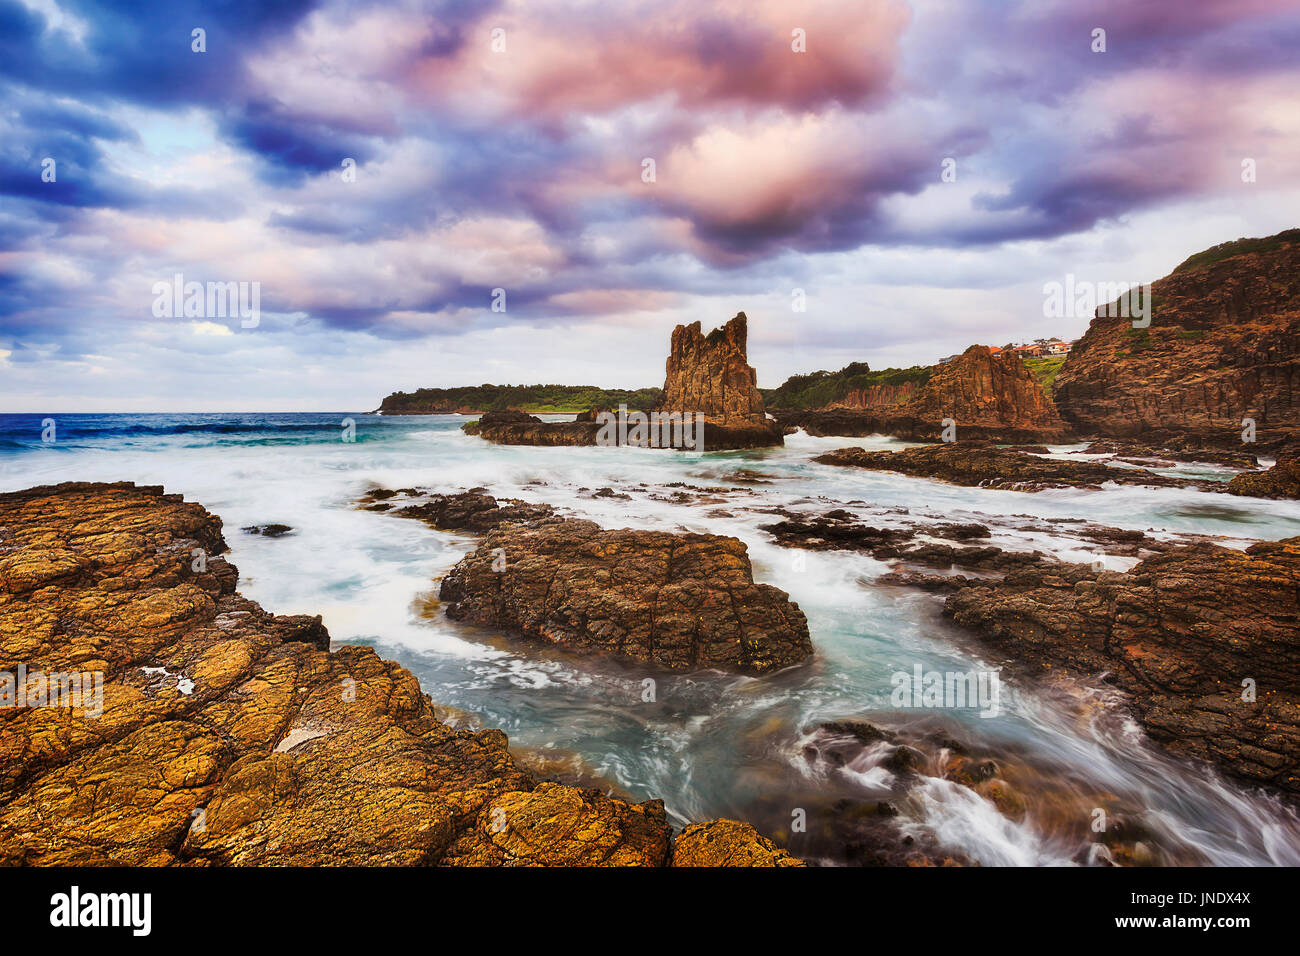 Costa rocosa en torno a bombo playa en Kiama ciudad australiana en la costa del Pacífico. Surf borrosa fluye en tierra erosionando acantilados de arenisca y la catedral boul Imagen De Stock